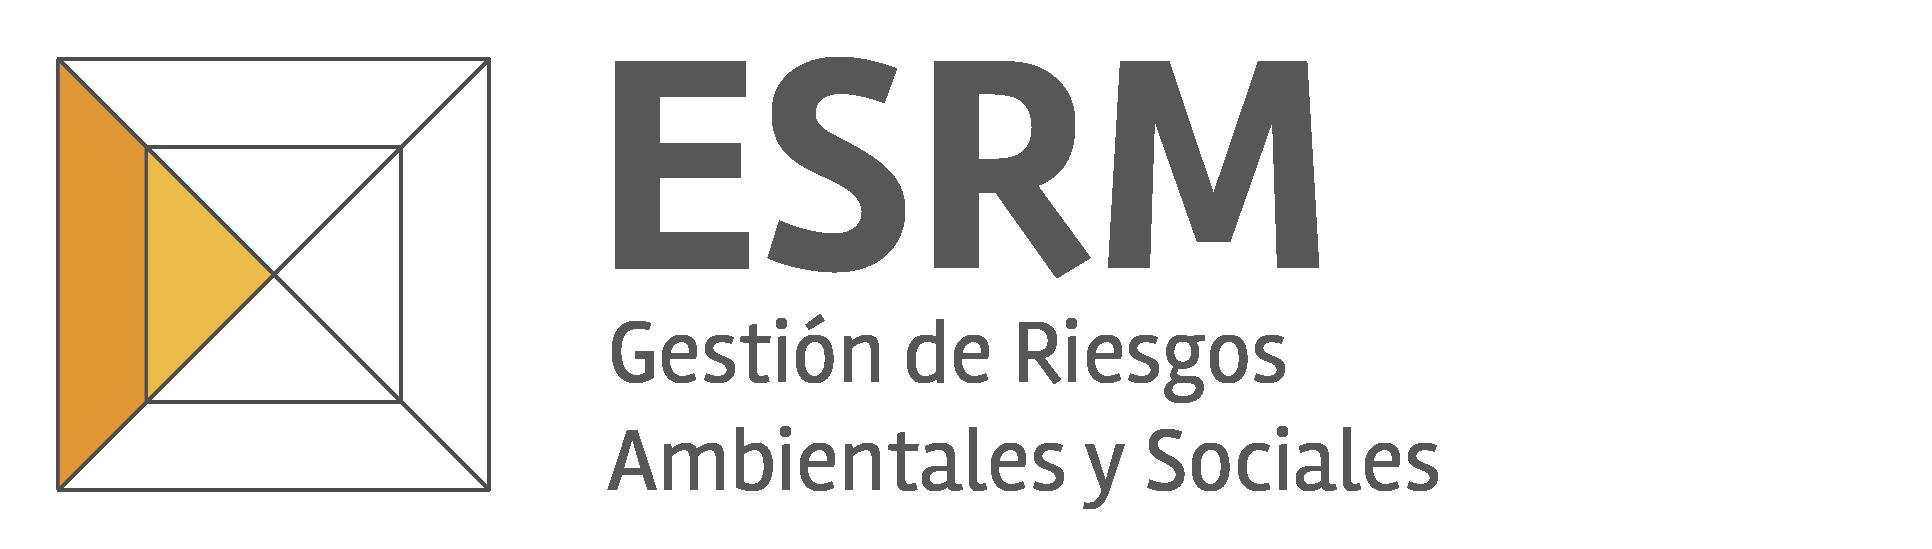 ESRM_ESP